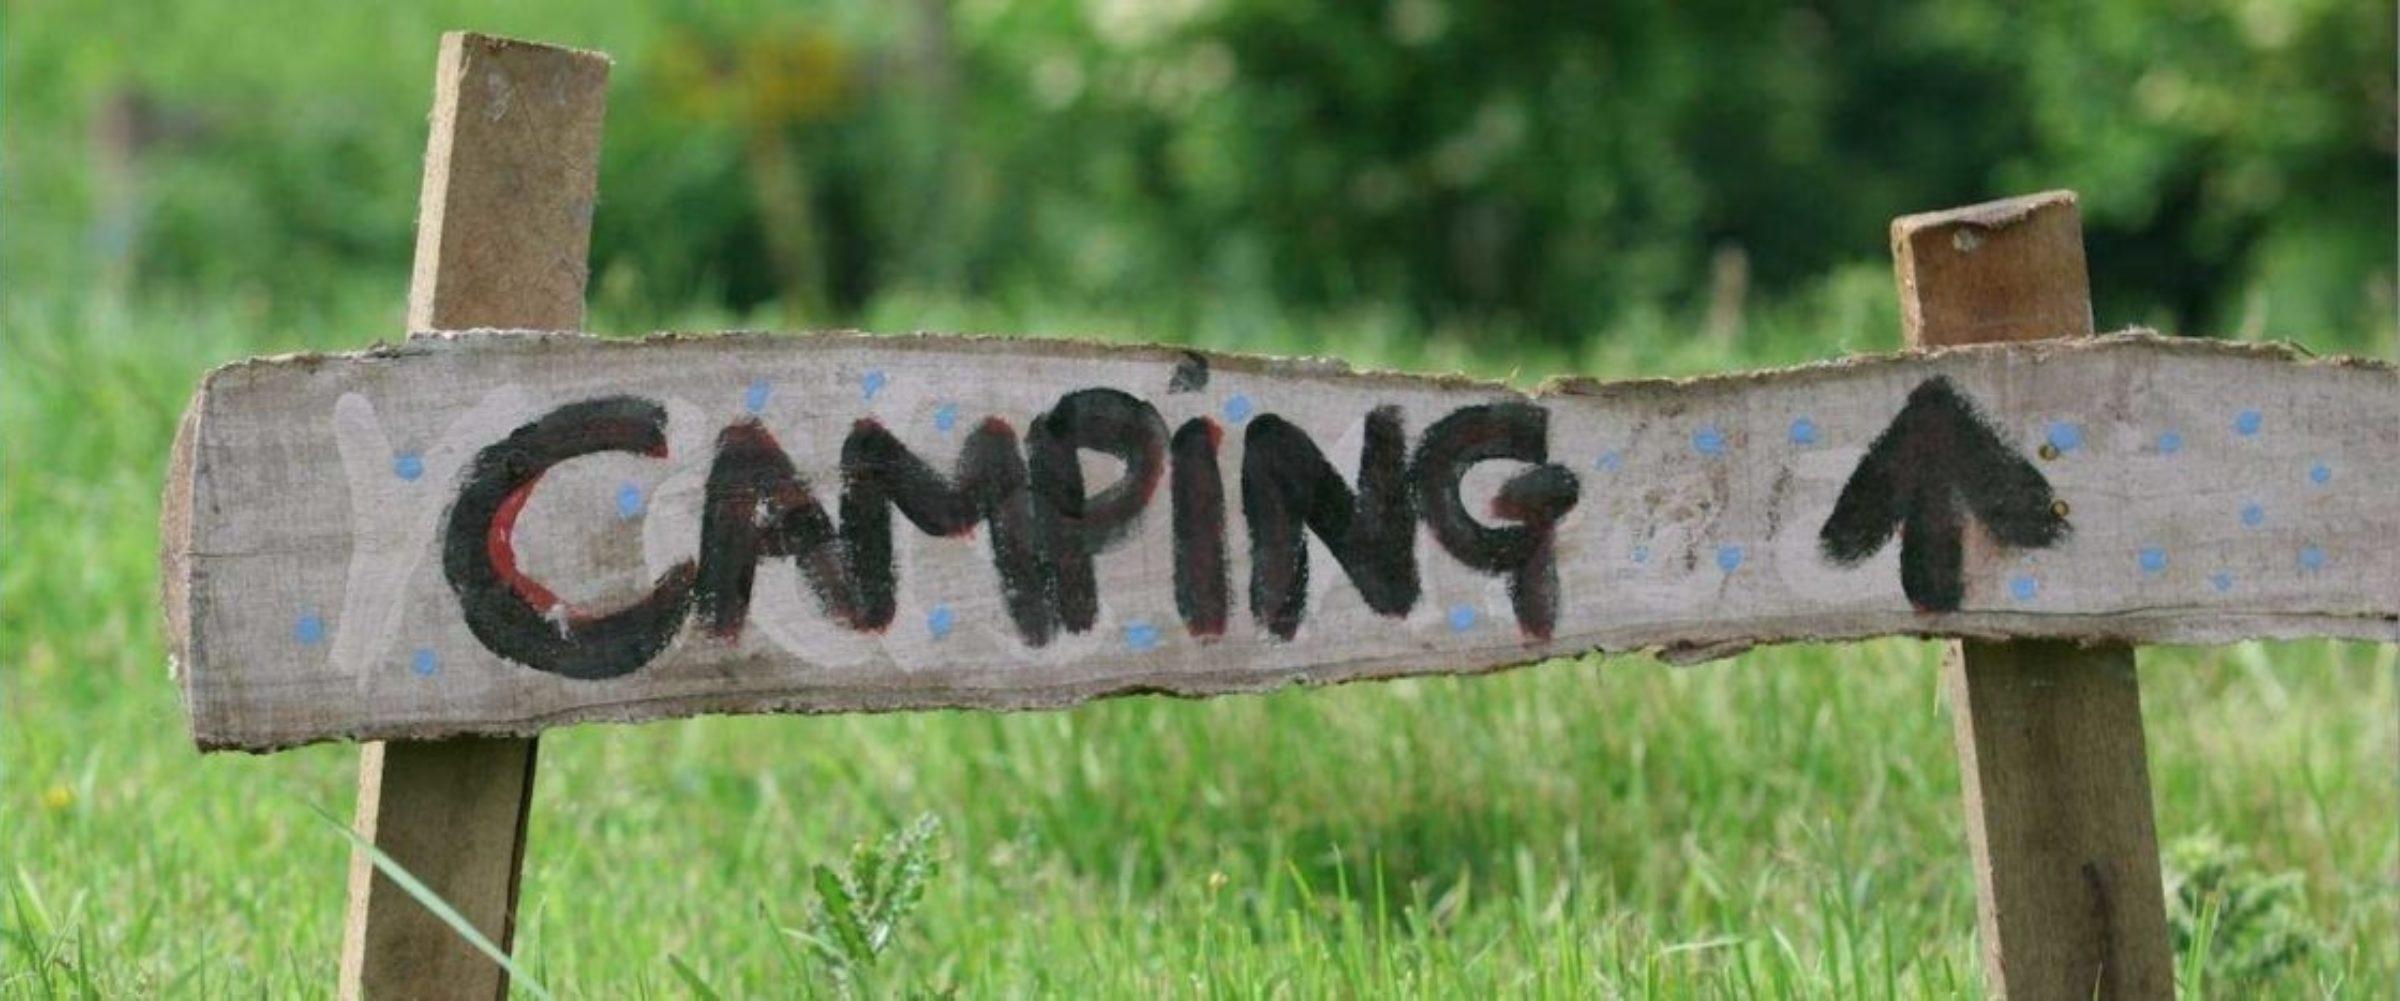 Camping Onder De Sterren Enschede1